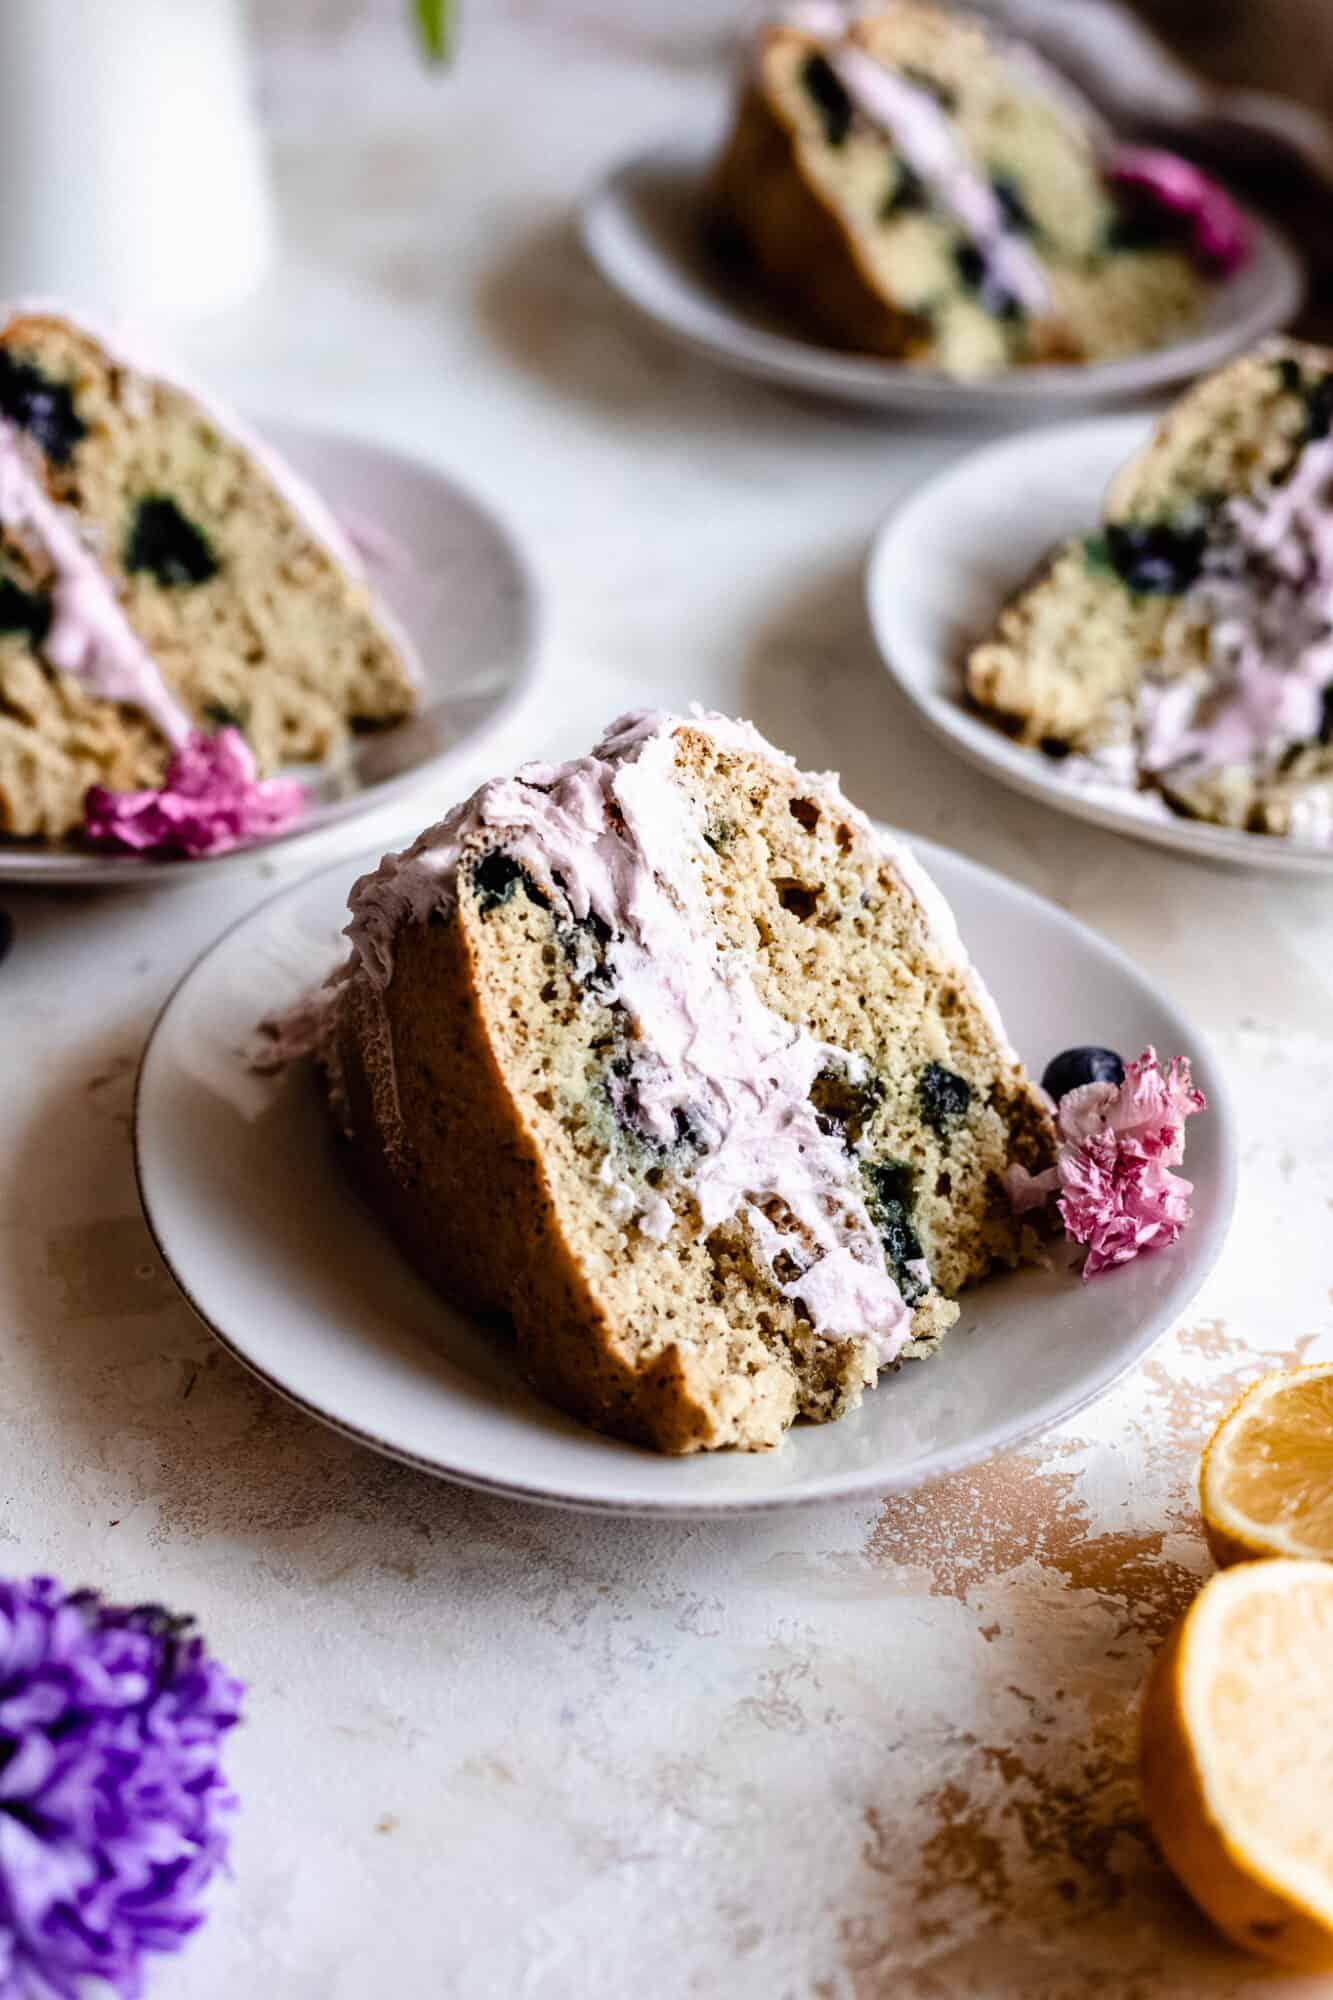 slice of vegan lemon blueberry cake